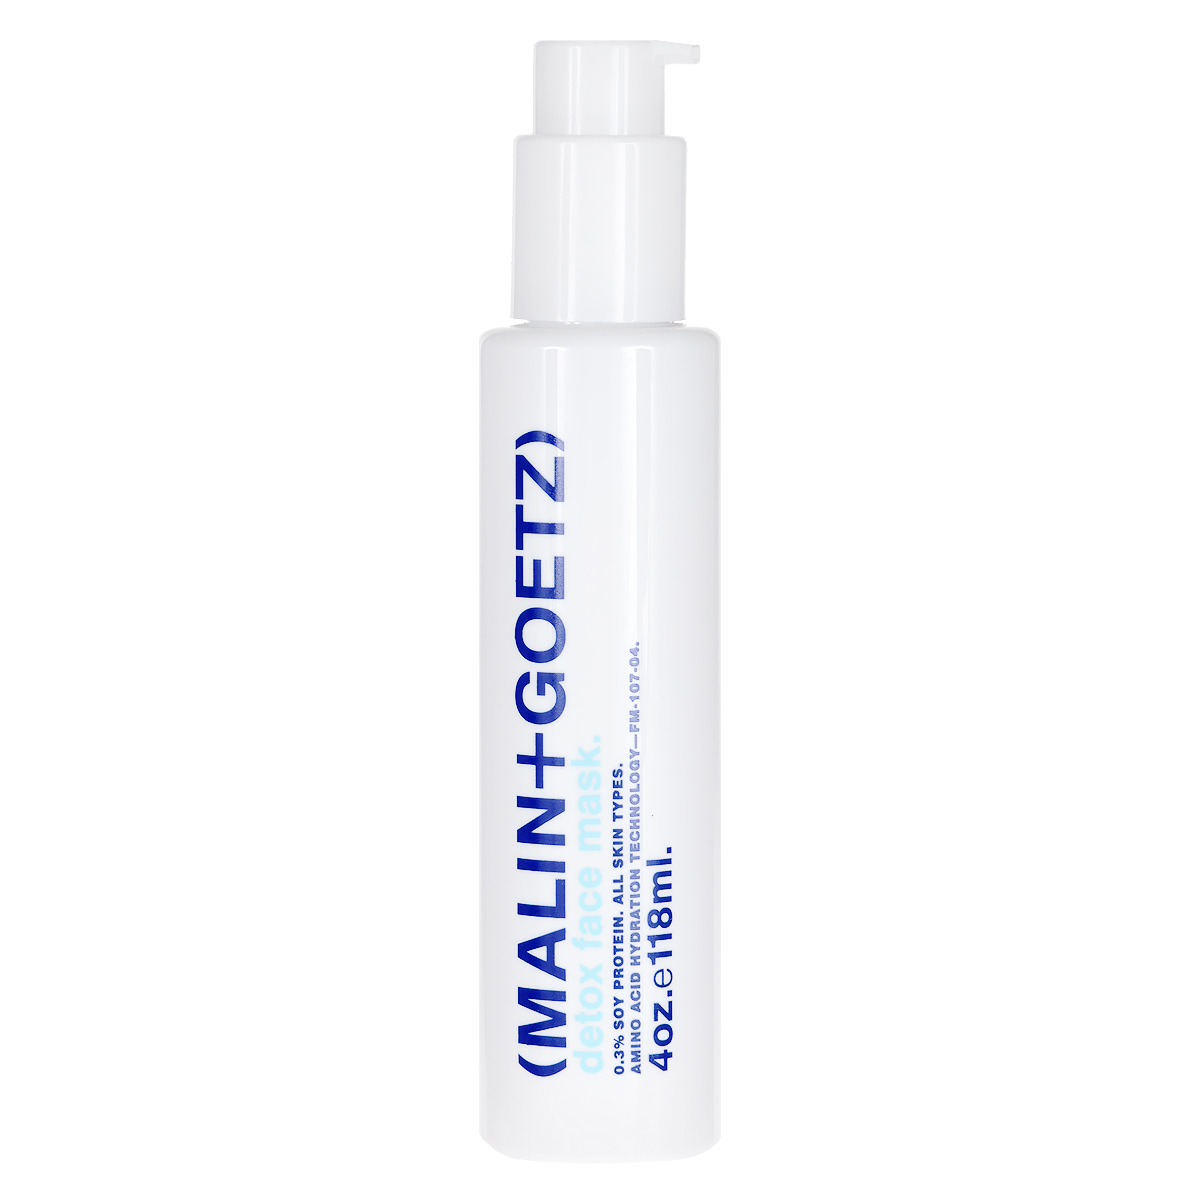 Malin+Goetz Маска-детокс для лица, 118 млMG063В состав пятиминутной пенящейся маски-геля Malin+Goetz входят инновационные, обогащенные кислородом ингредиенты (вместо обычных грубых очищающих веществ и обезвоживающей кожу глины), которые обеспечивают глубокое очищение пор и избавление от загрязнений, жира и макияжа, не вызывая раздражения кожи и не разрушая ее гидролипидный барьер. Витамин С стабилизирует кожу, витамин Е оказывает антиоксидантное действие, а соевый протеин укрепляет кожу и борется с процессами старения. Комплекс аминокислот и натуральный экстракт миндаля мягко эффективно очищают и успокаивают кожу, делая ее сияющей. Полностью смывается водой. Кожа становится гладкой и ровной. Характеристики:Объем: 118 мл. Производитель: США. Товар сертифицирован.